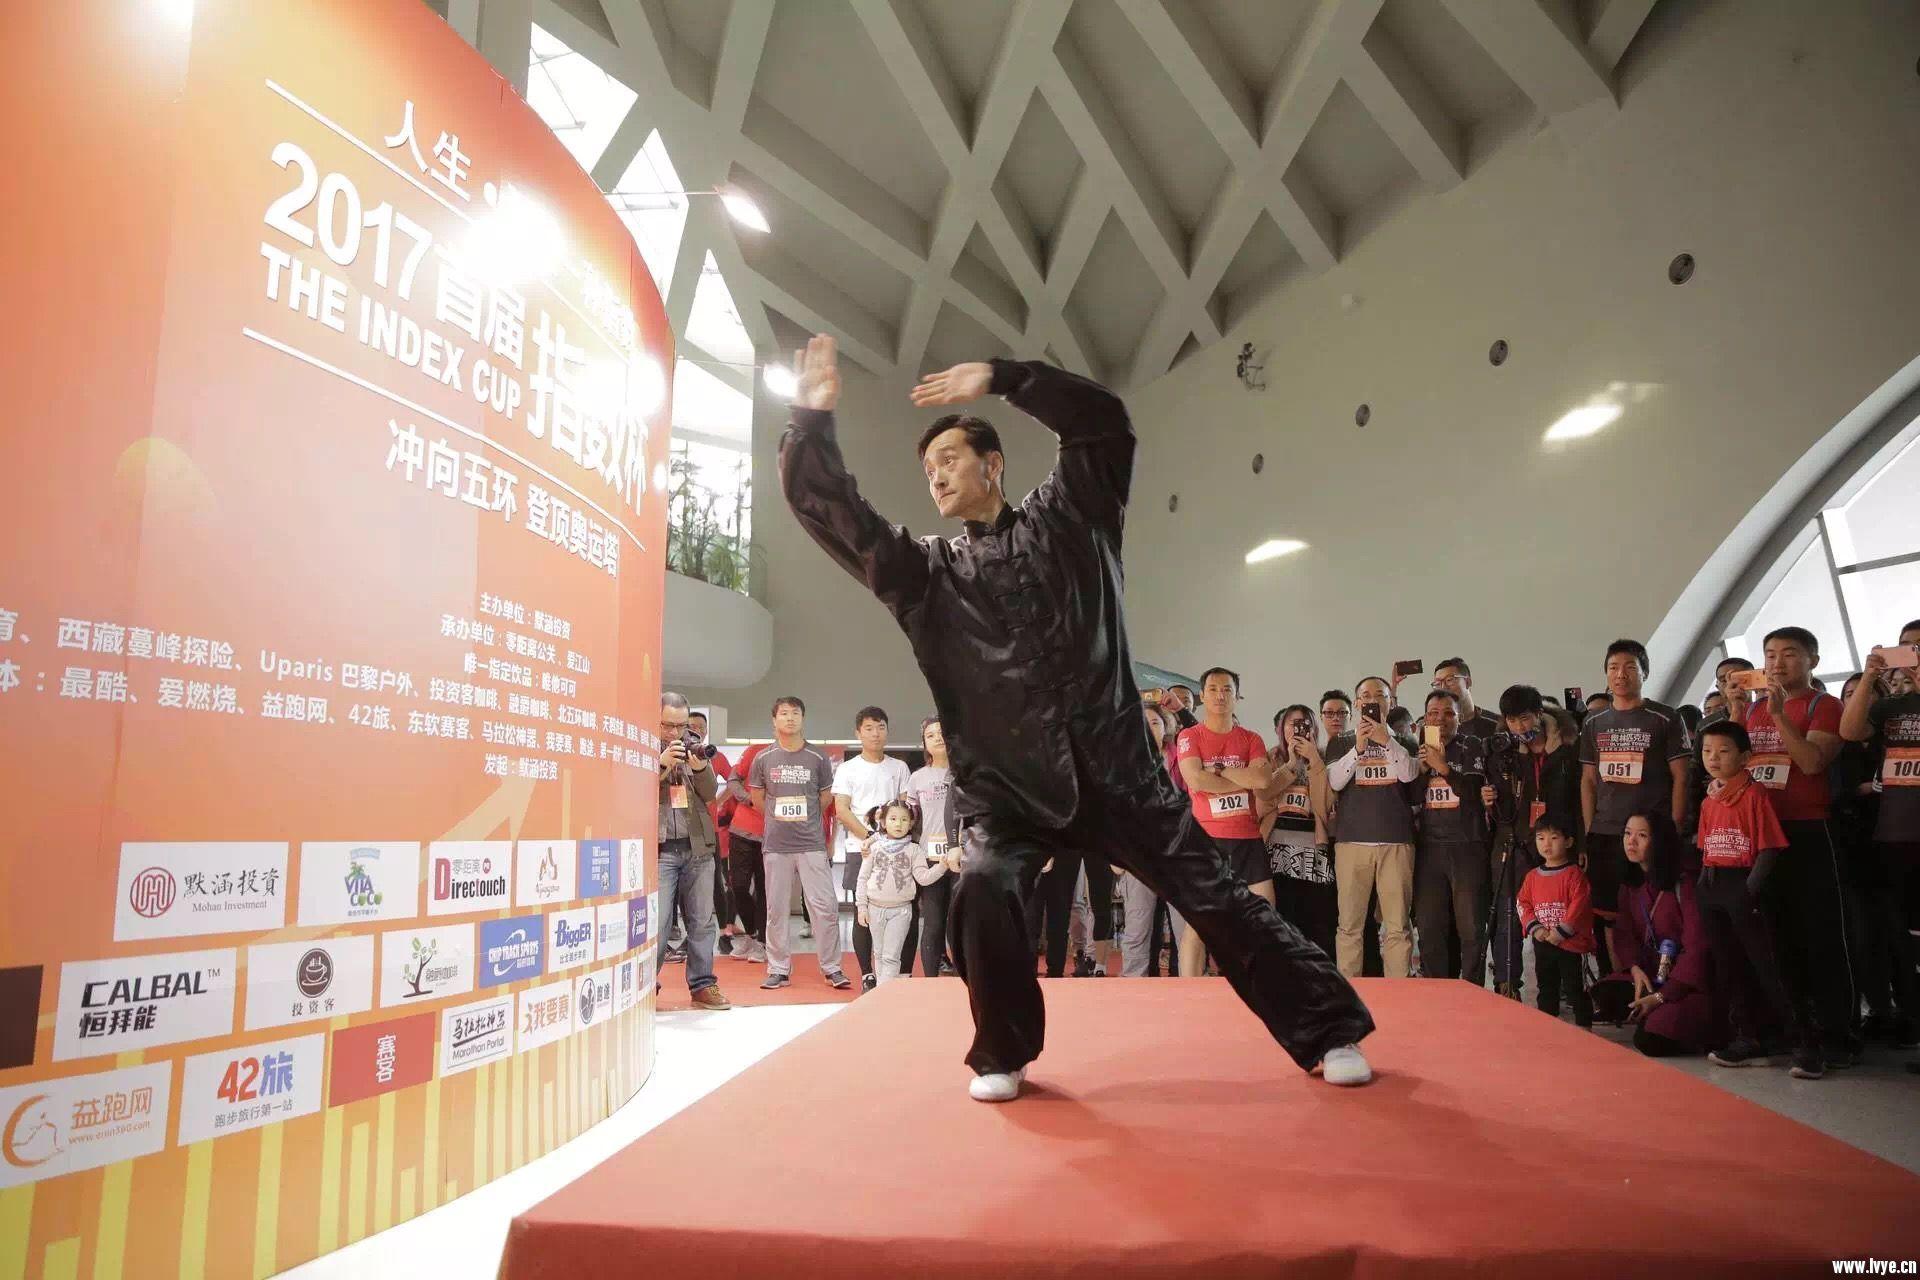 李东丰先生展示史式八卦游身掌.JPG